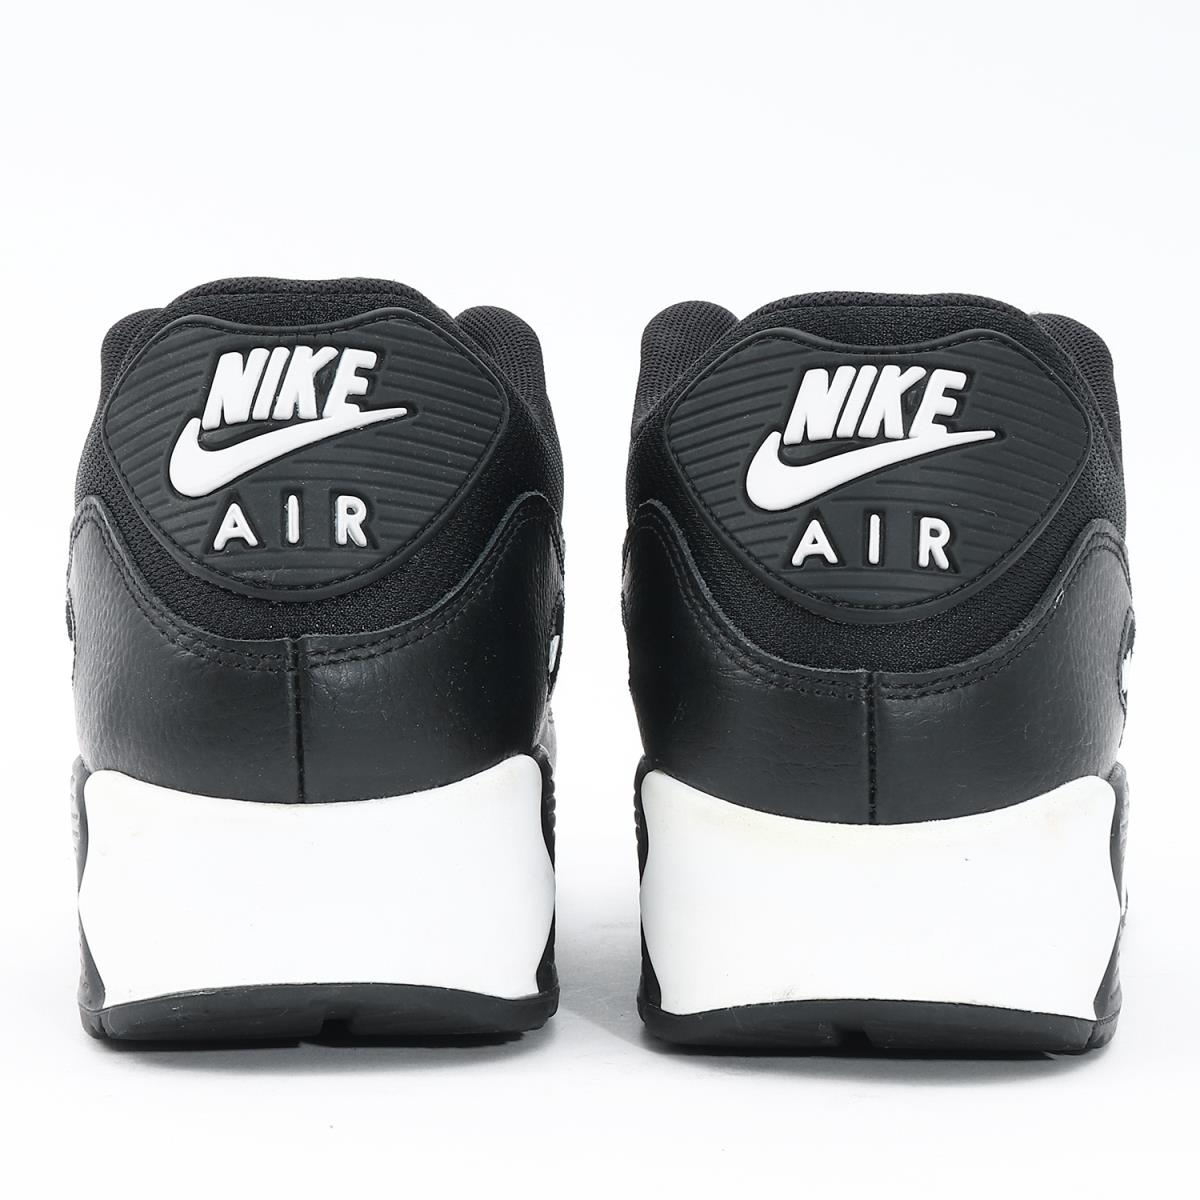 promo code 569c4 59b23 NIKE (Nike) WMNS AIR MAX 90 (325,213-037) black X gray US11.5(28.5cm)